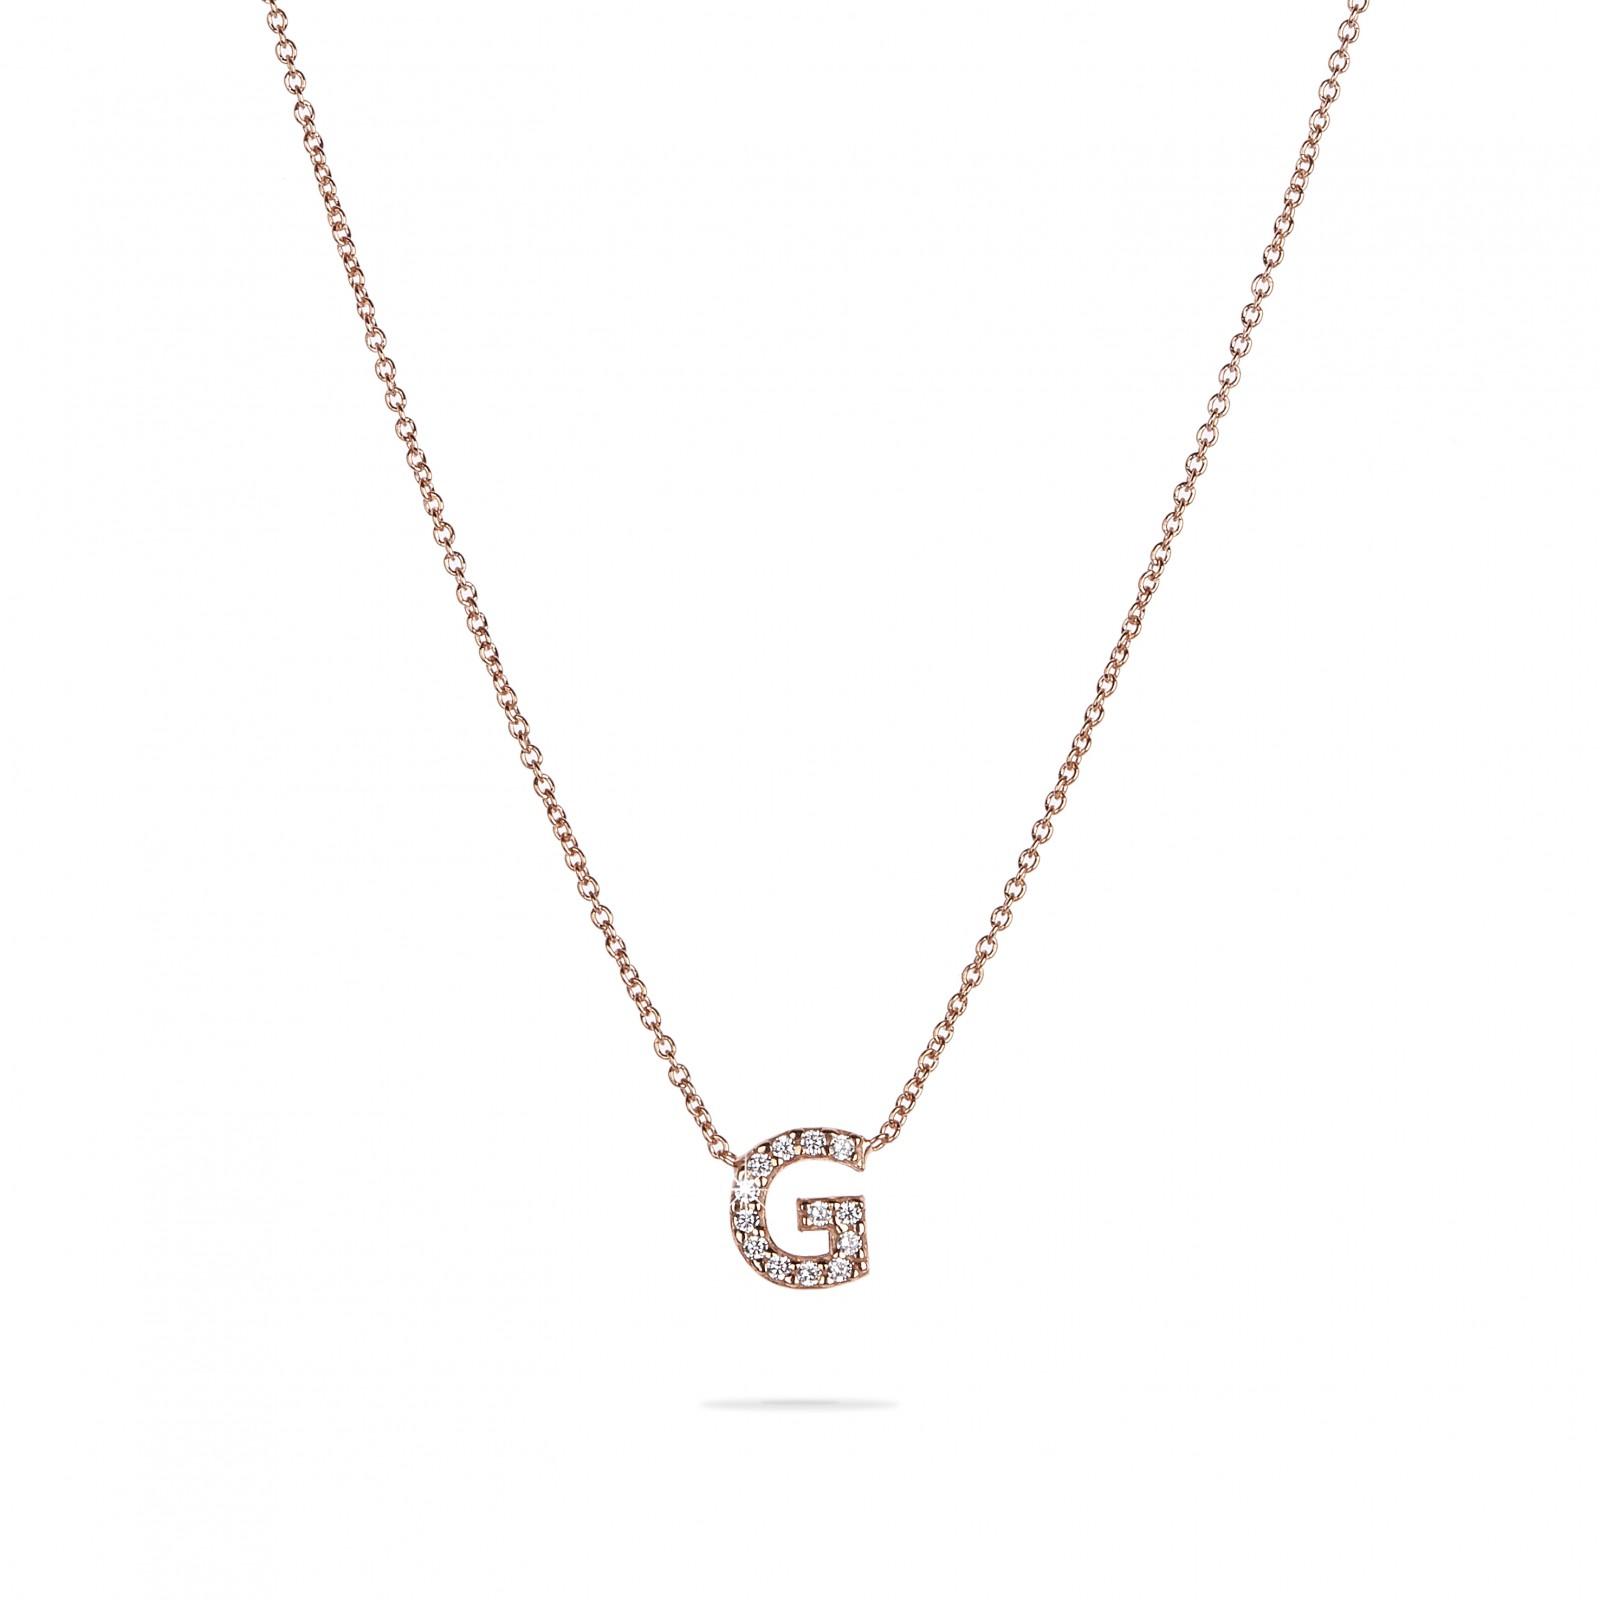 comprare popolare 2f54a a64a3 Collana veneziana oro 18k iniziale grande - Maison Gioielli ®